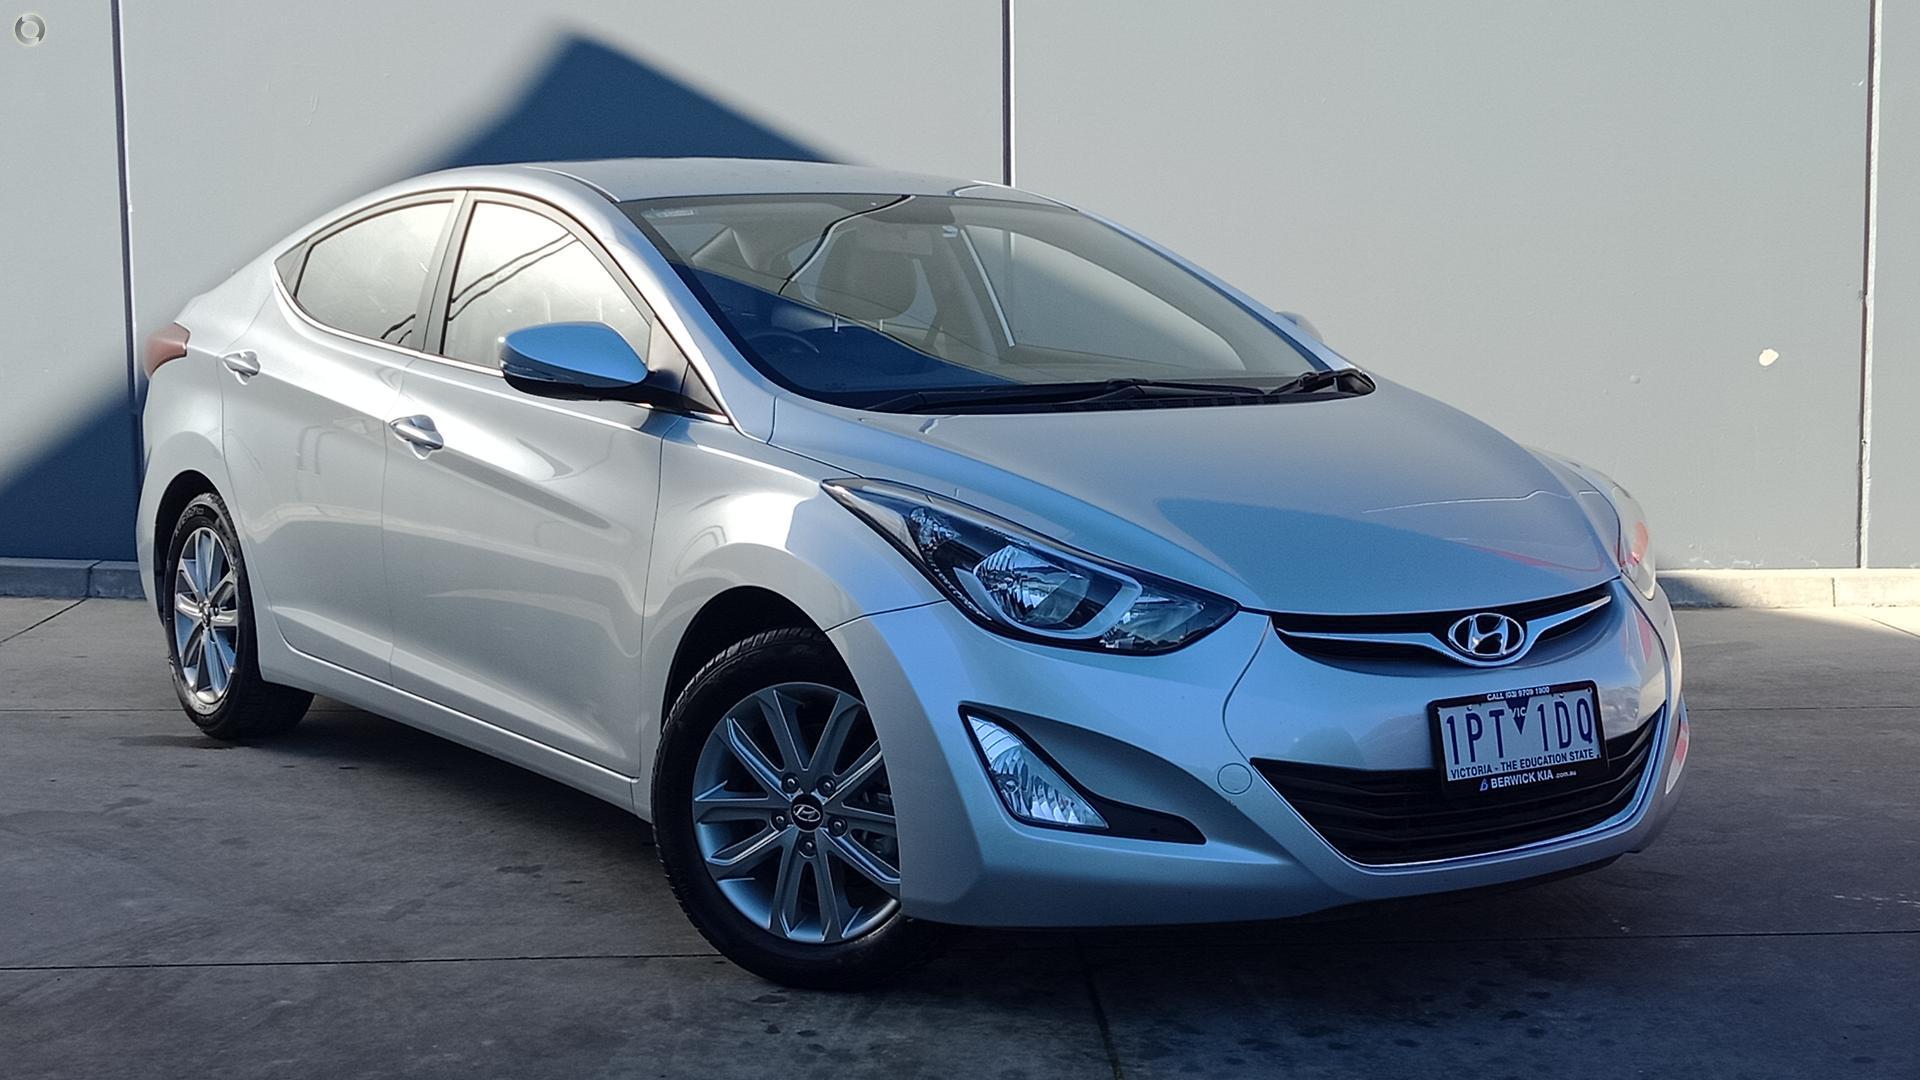 2014 Hyundai Elantra MD3